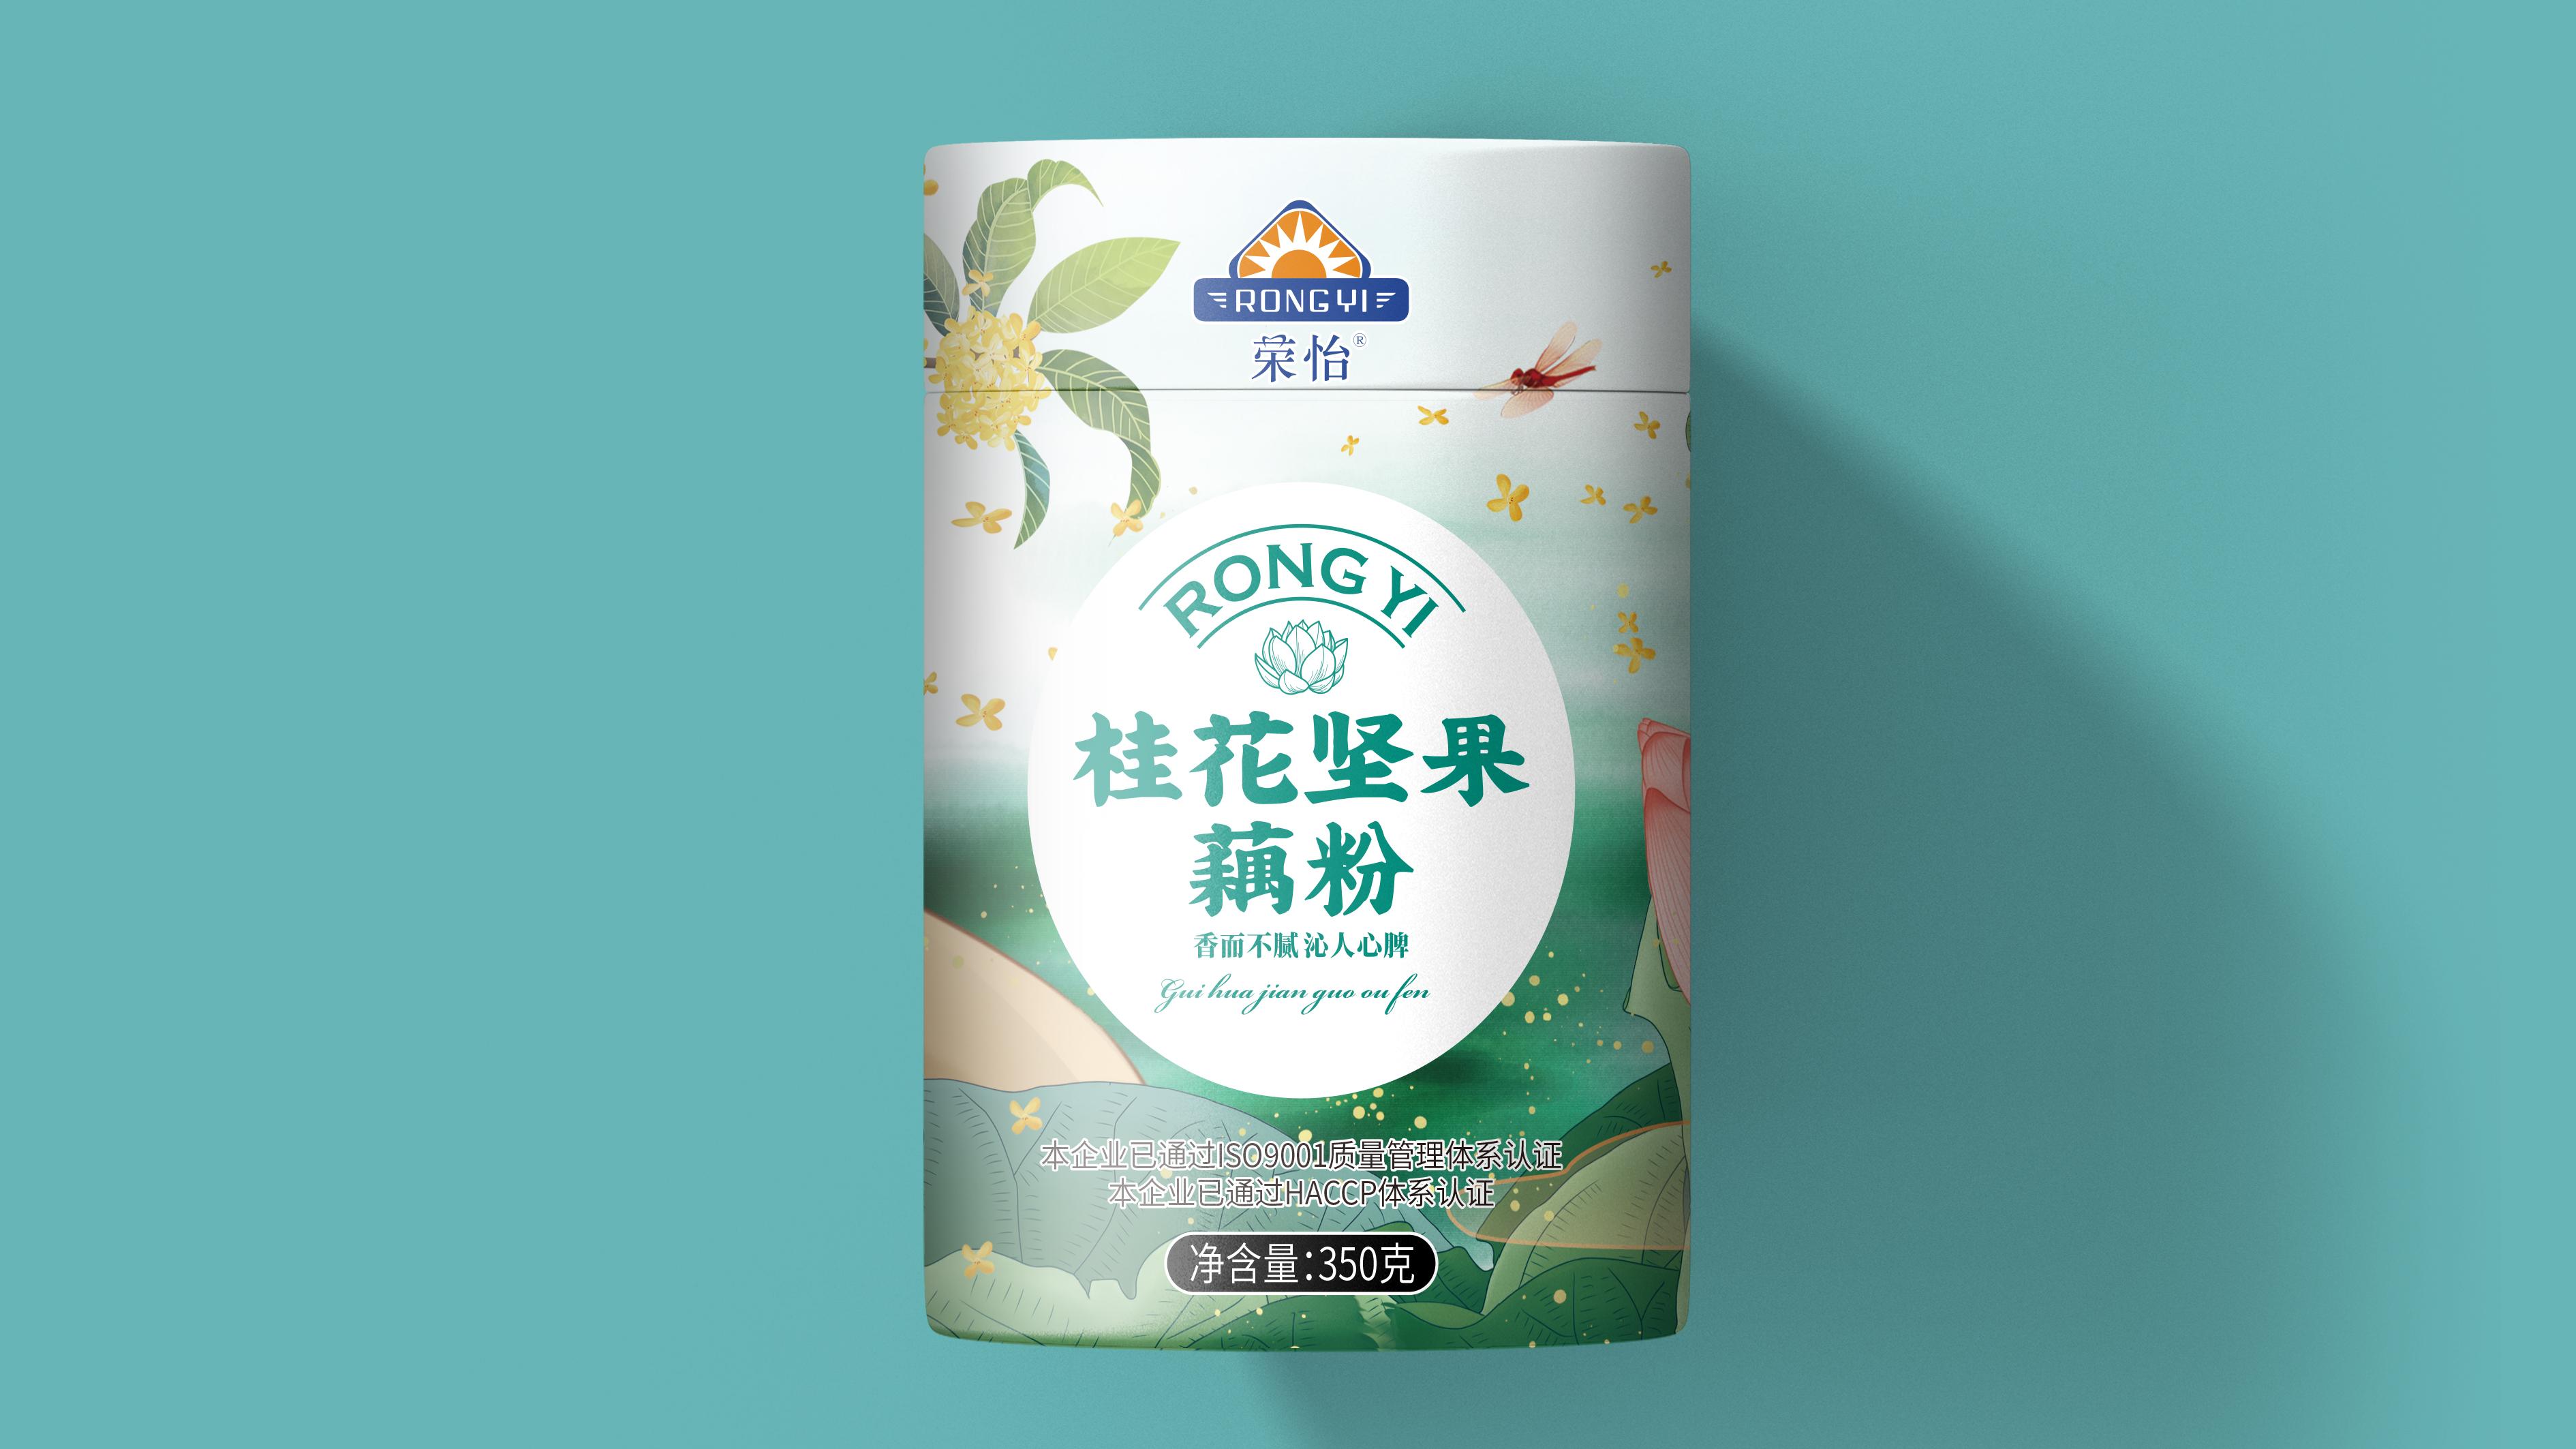 荣怡桂花坚果藕粉包装设计